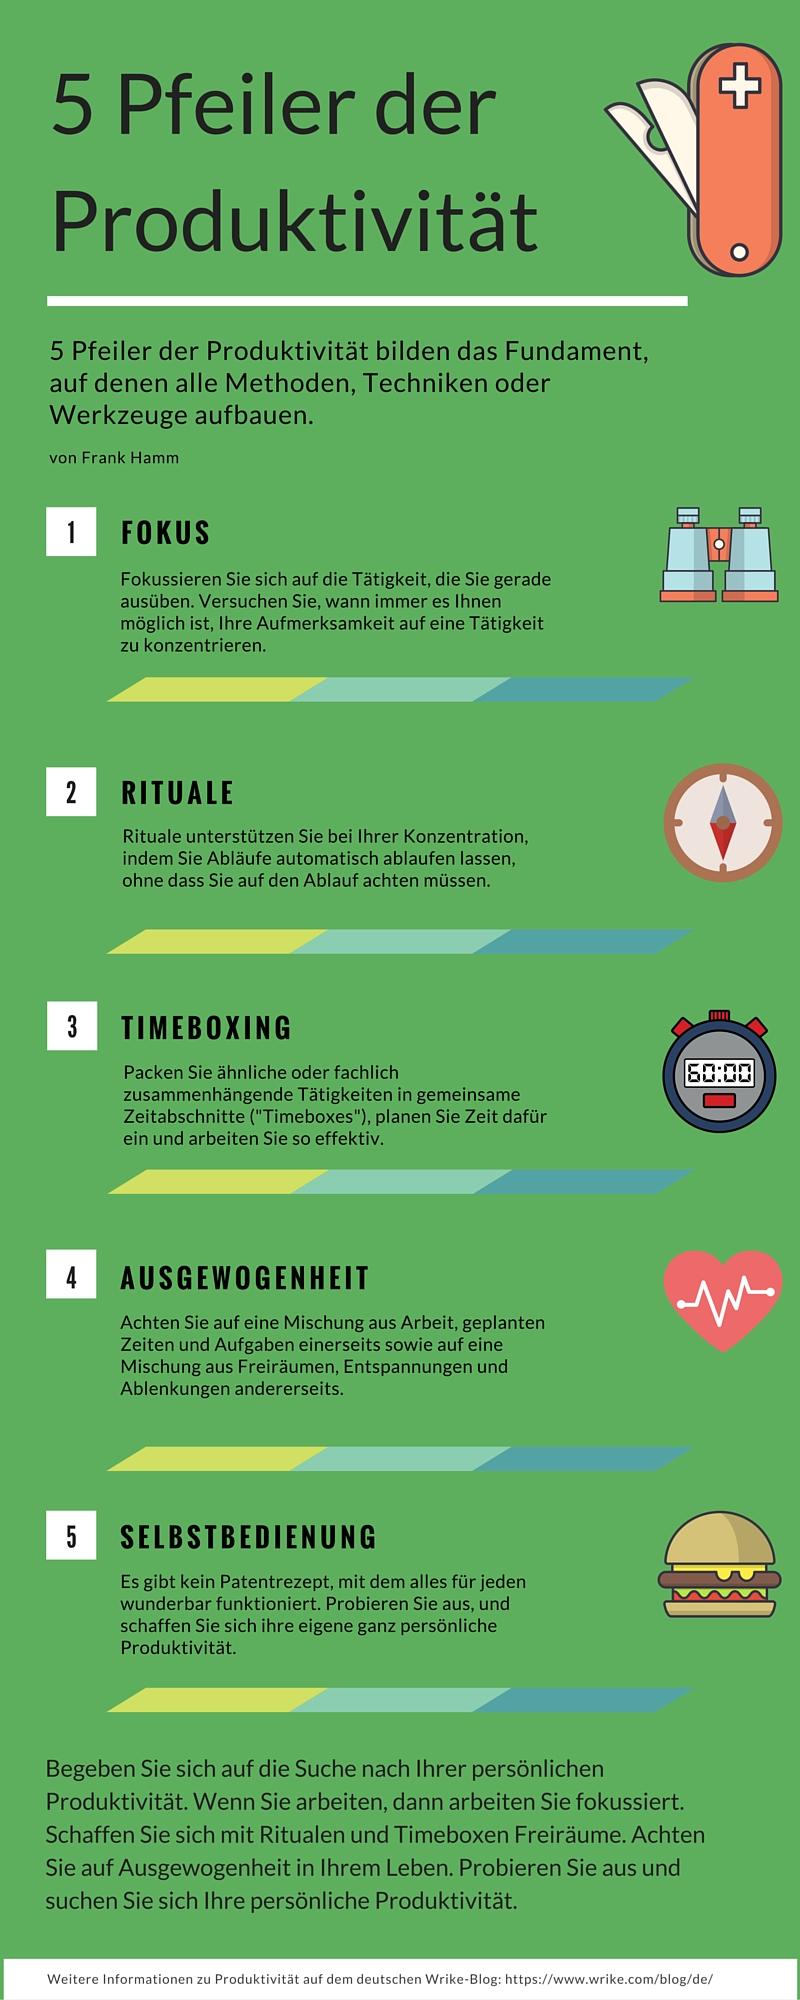 5 Pfeiler der Produktivität (Infografik)